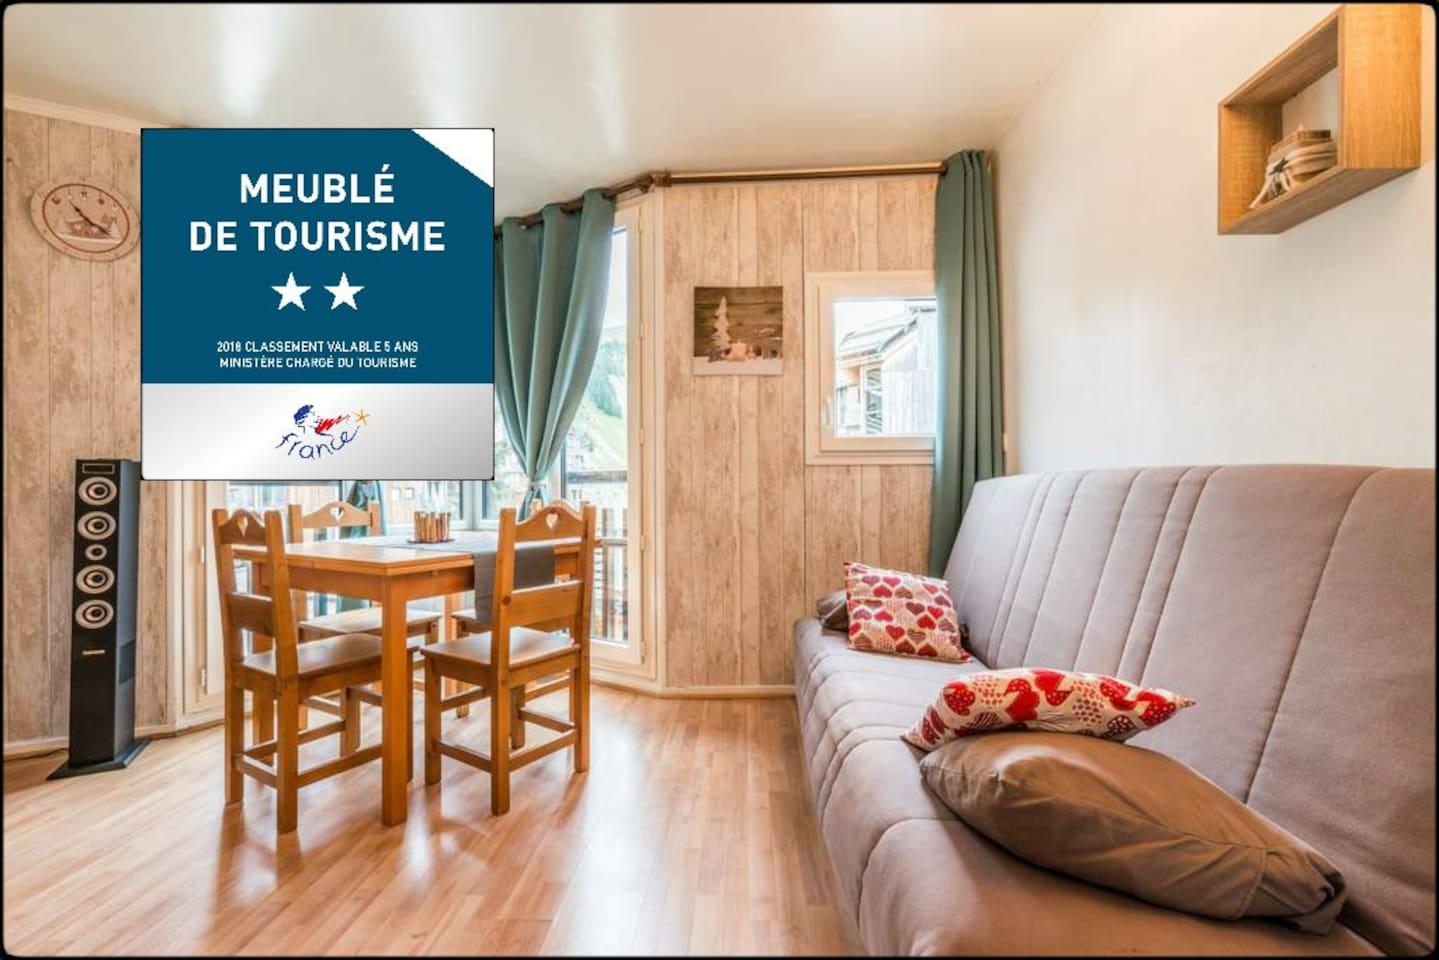 Appartement classé meublé de tourisme 2 étoiles :-)